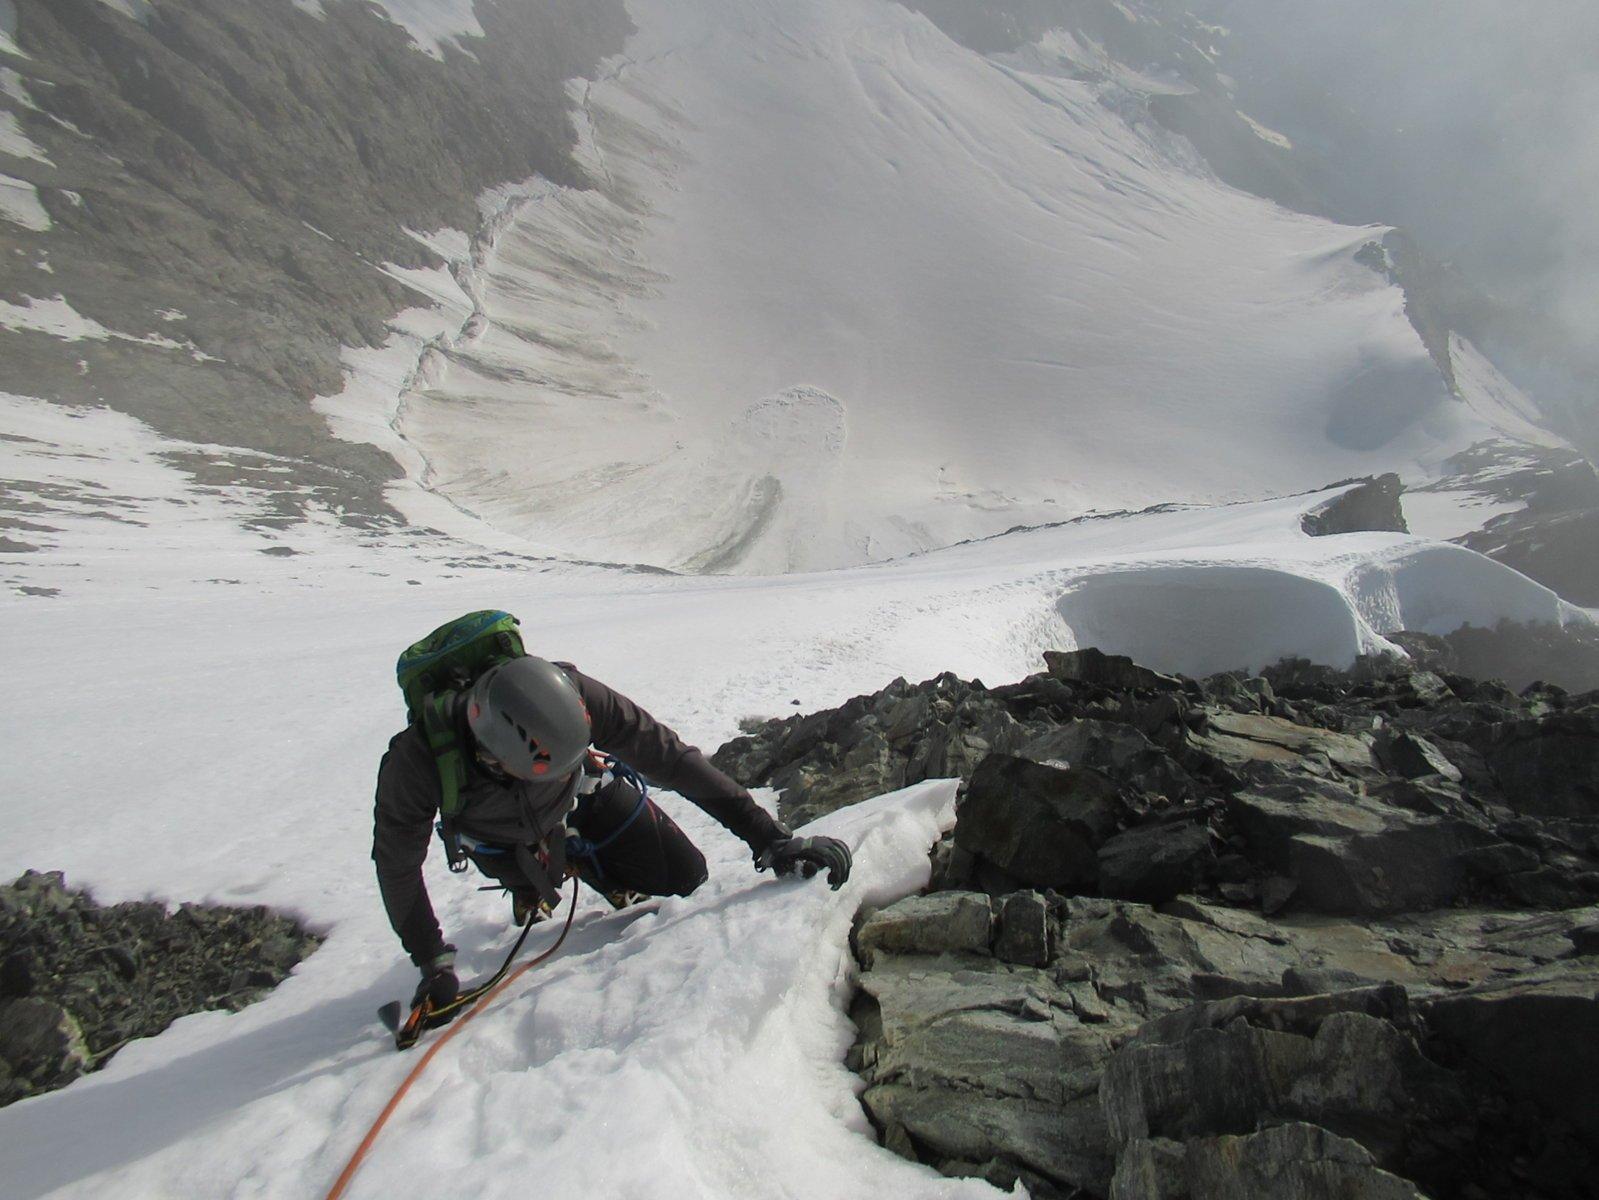 Parte in neve ripida sotto la cima